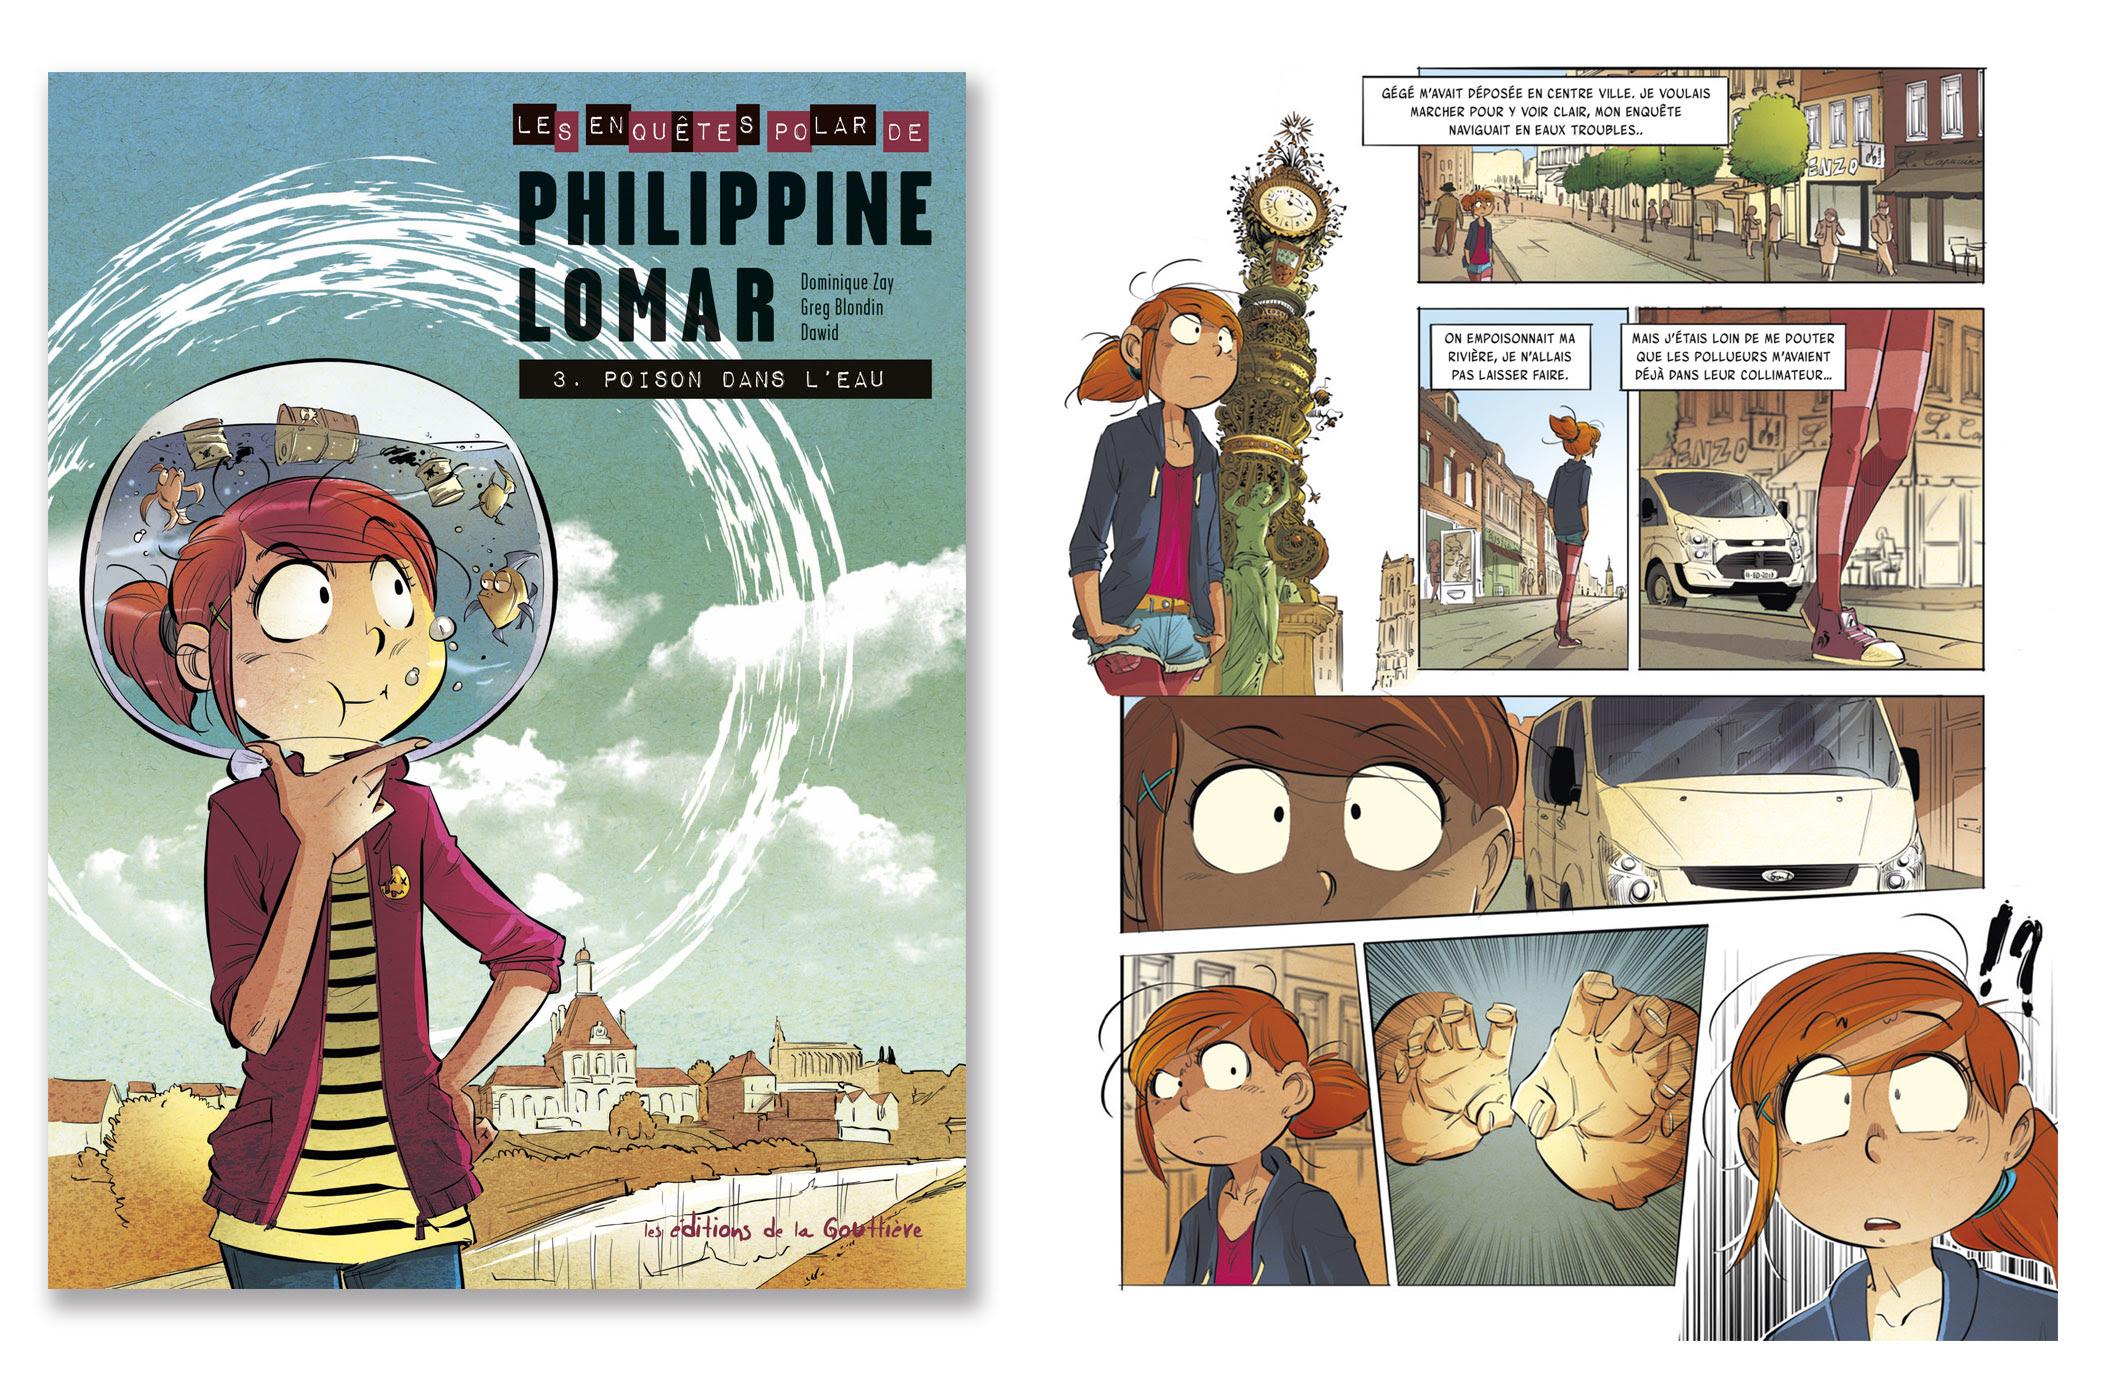 Extrait de Philippine Lomar tome 3 : Poison dans l'eau